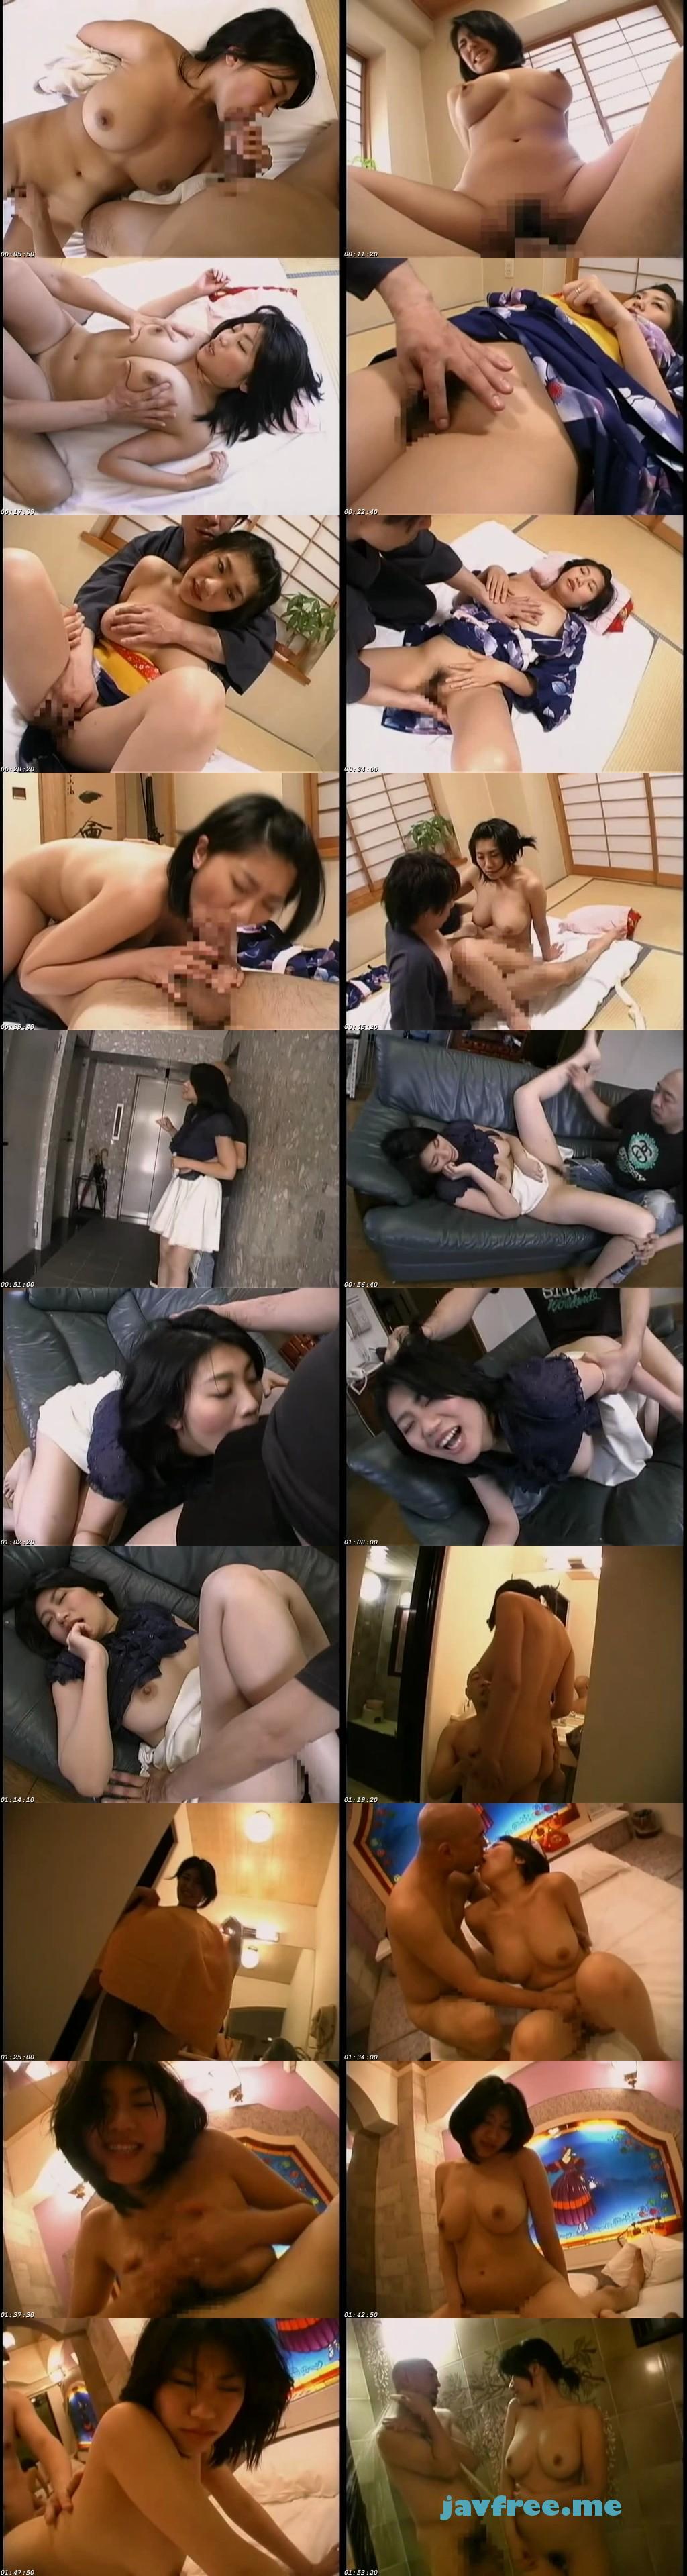 [CO 04741] 巨乳熟女をたっぷり生抱き「三十路妻・高島恭子」 Hカップを揉みまくりイカせまくる… 高島恭子 CO